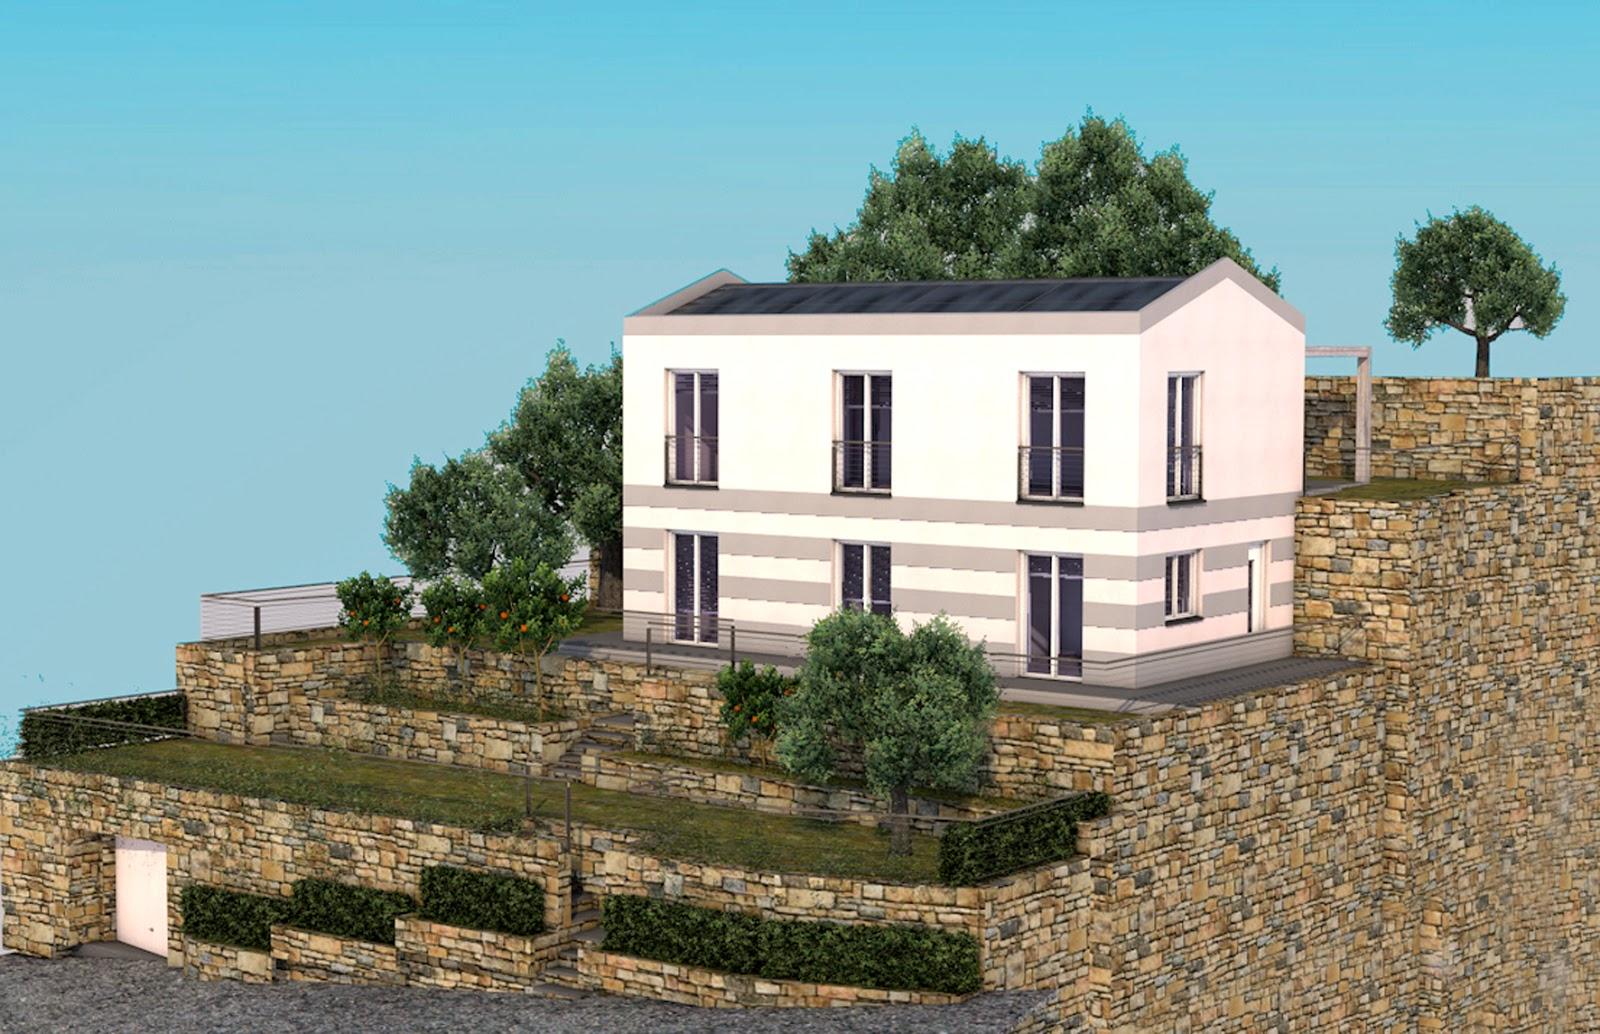 Case a 2 piani m su piani al pianterreno soggiorno con for Costo medio a lato di una casa a 2 piani